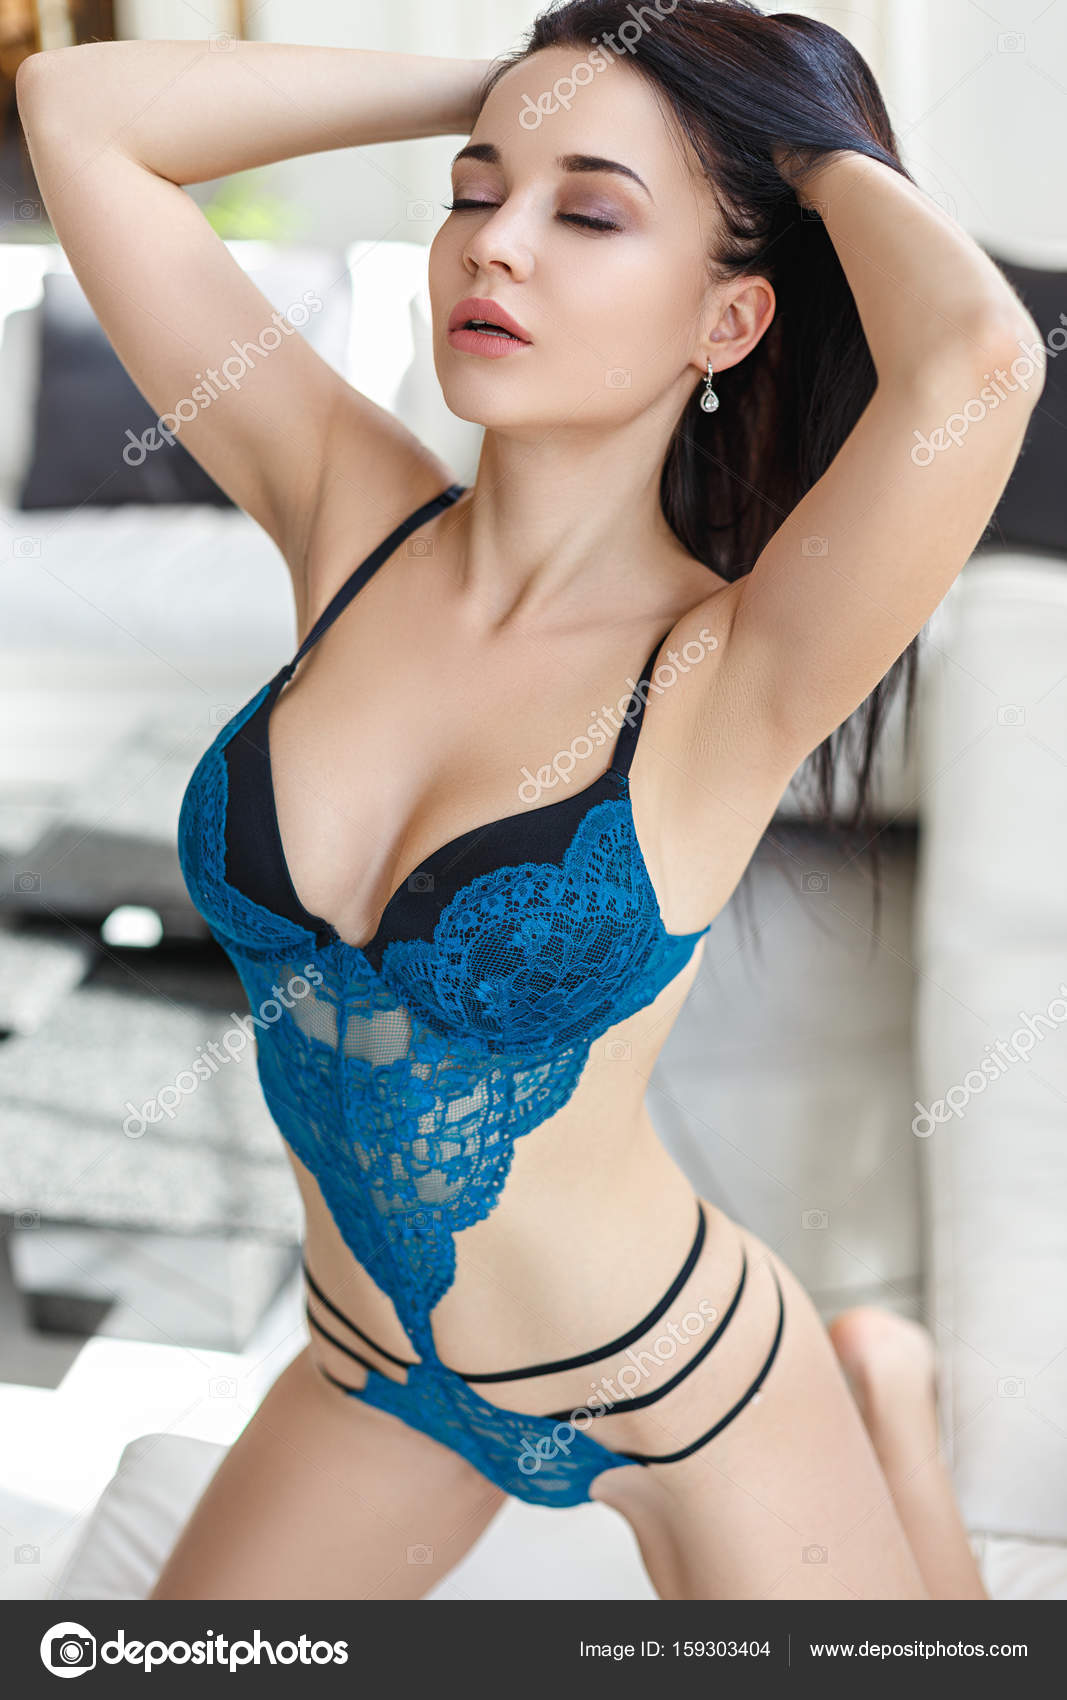 cb77e7051f9 Krásná dívka v sexy elegantní spodní prádlo — Stock Fotografie ...